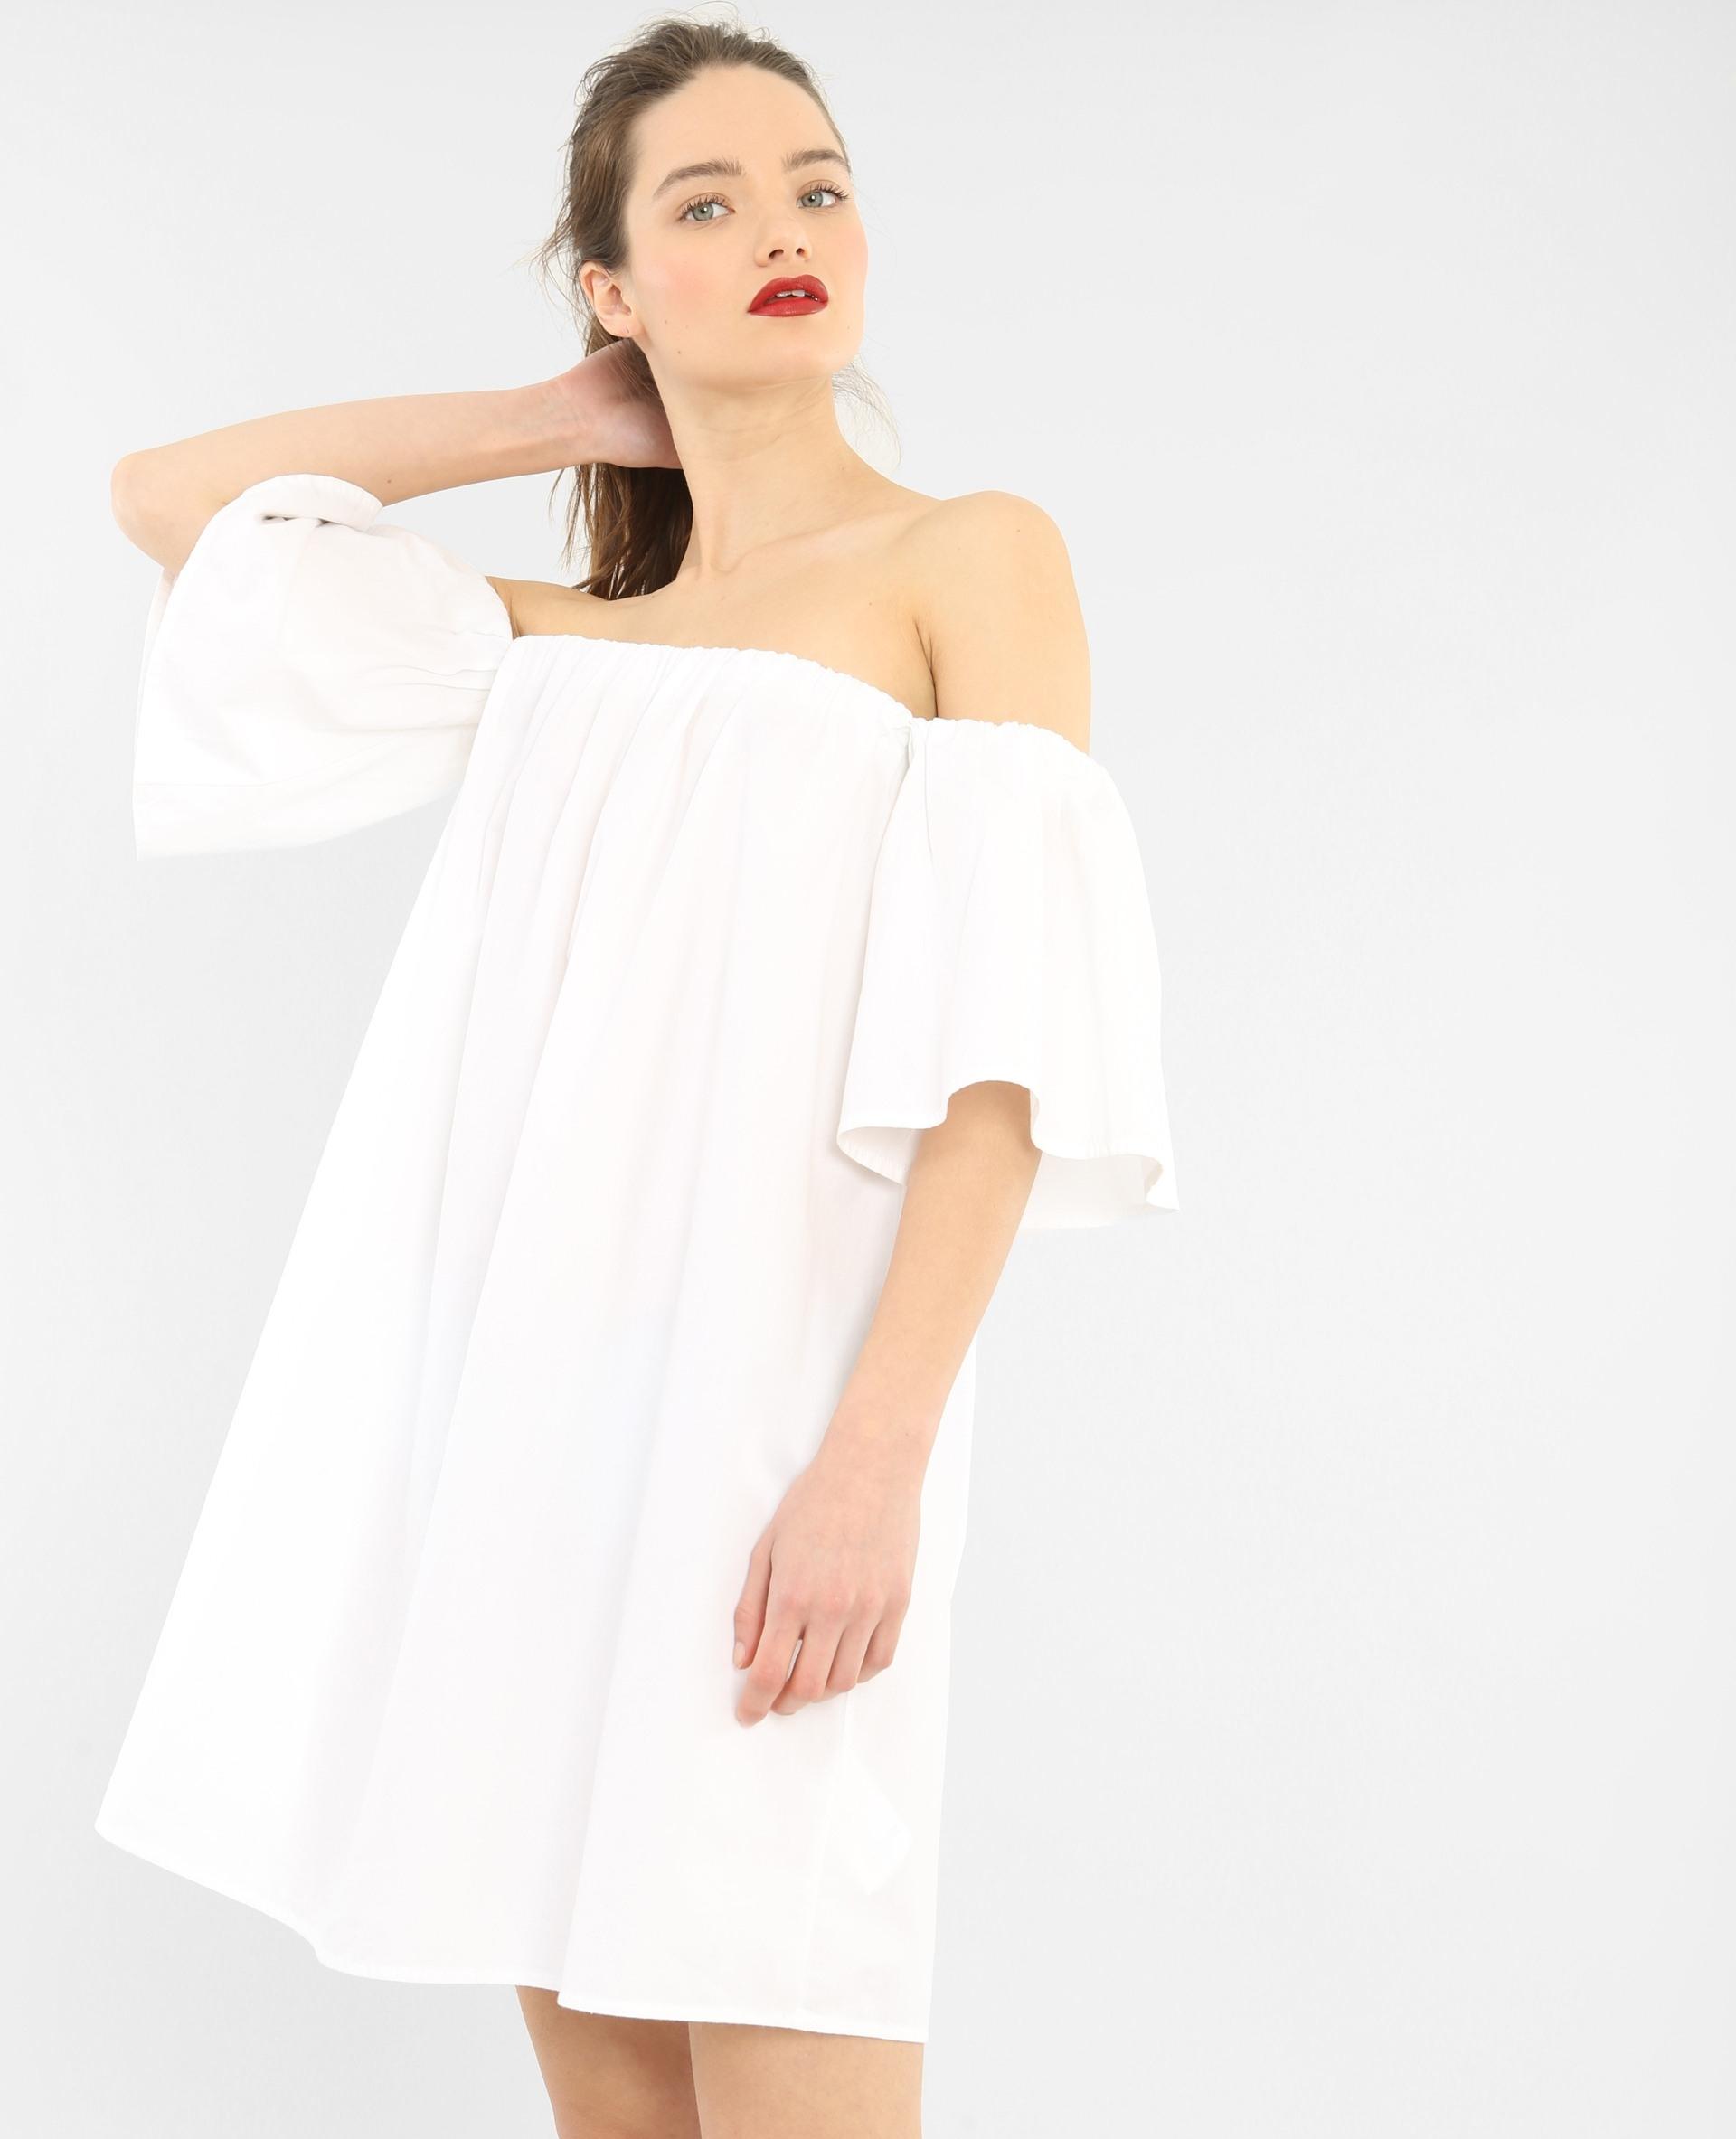 Abend Perfekt Kleid Weiß GalerieDesigner Schön Kleid Weiß Stylish